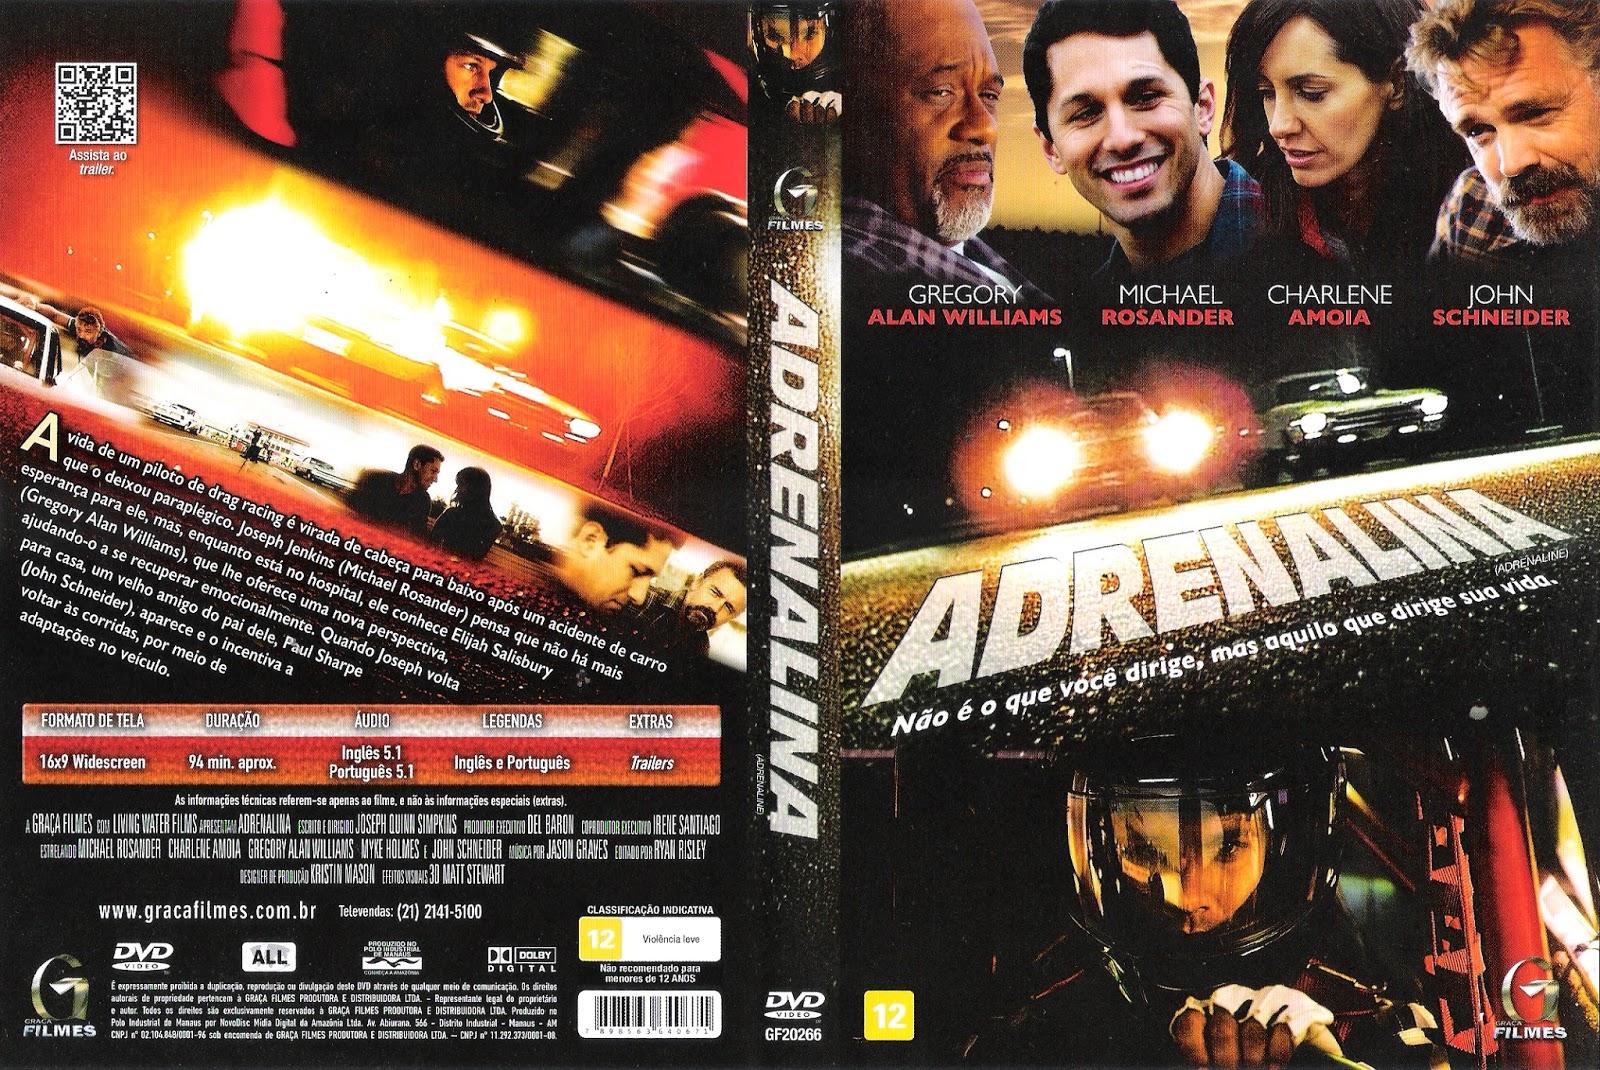 FILME ONLINE ADRENALINA - ASSISTA ONLINE AQUI